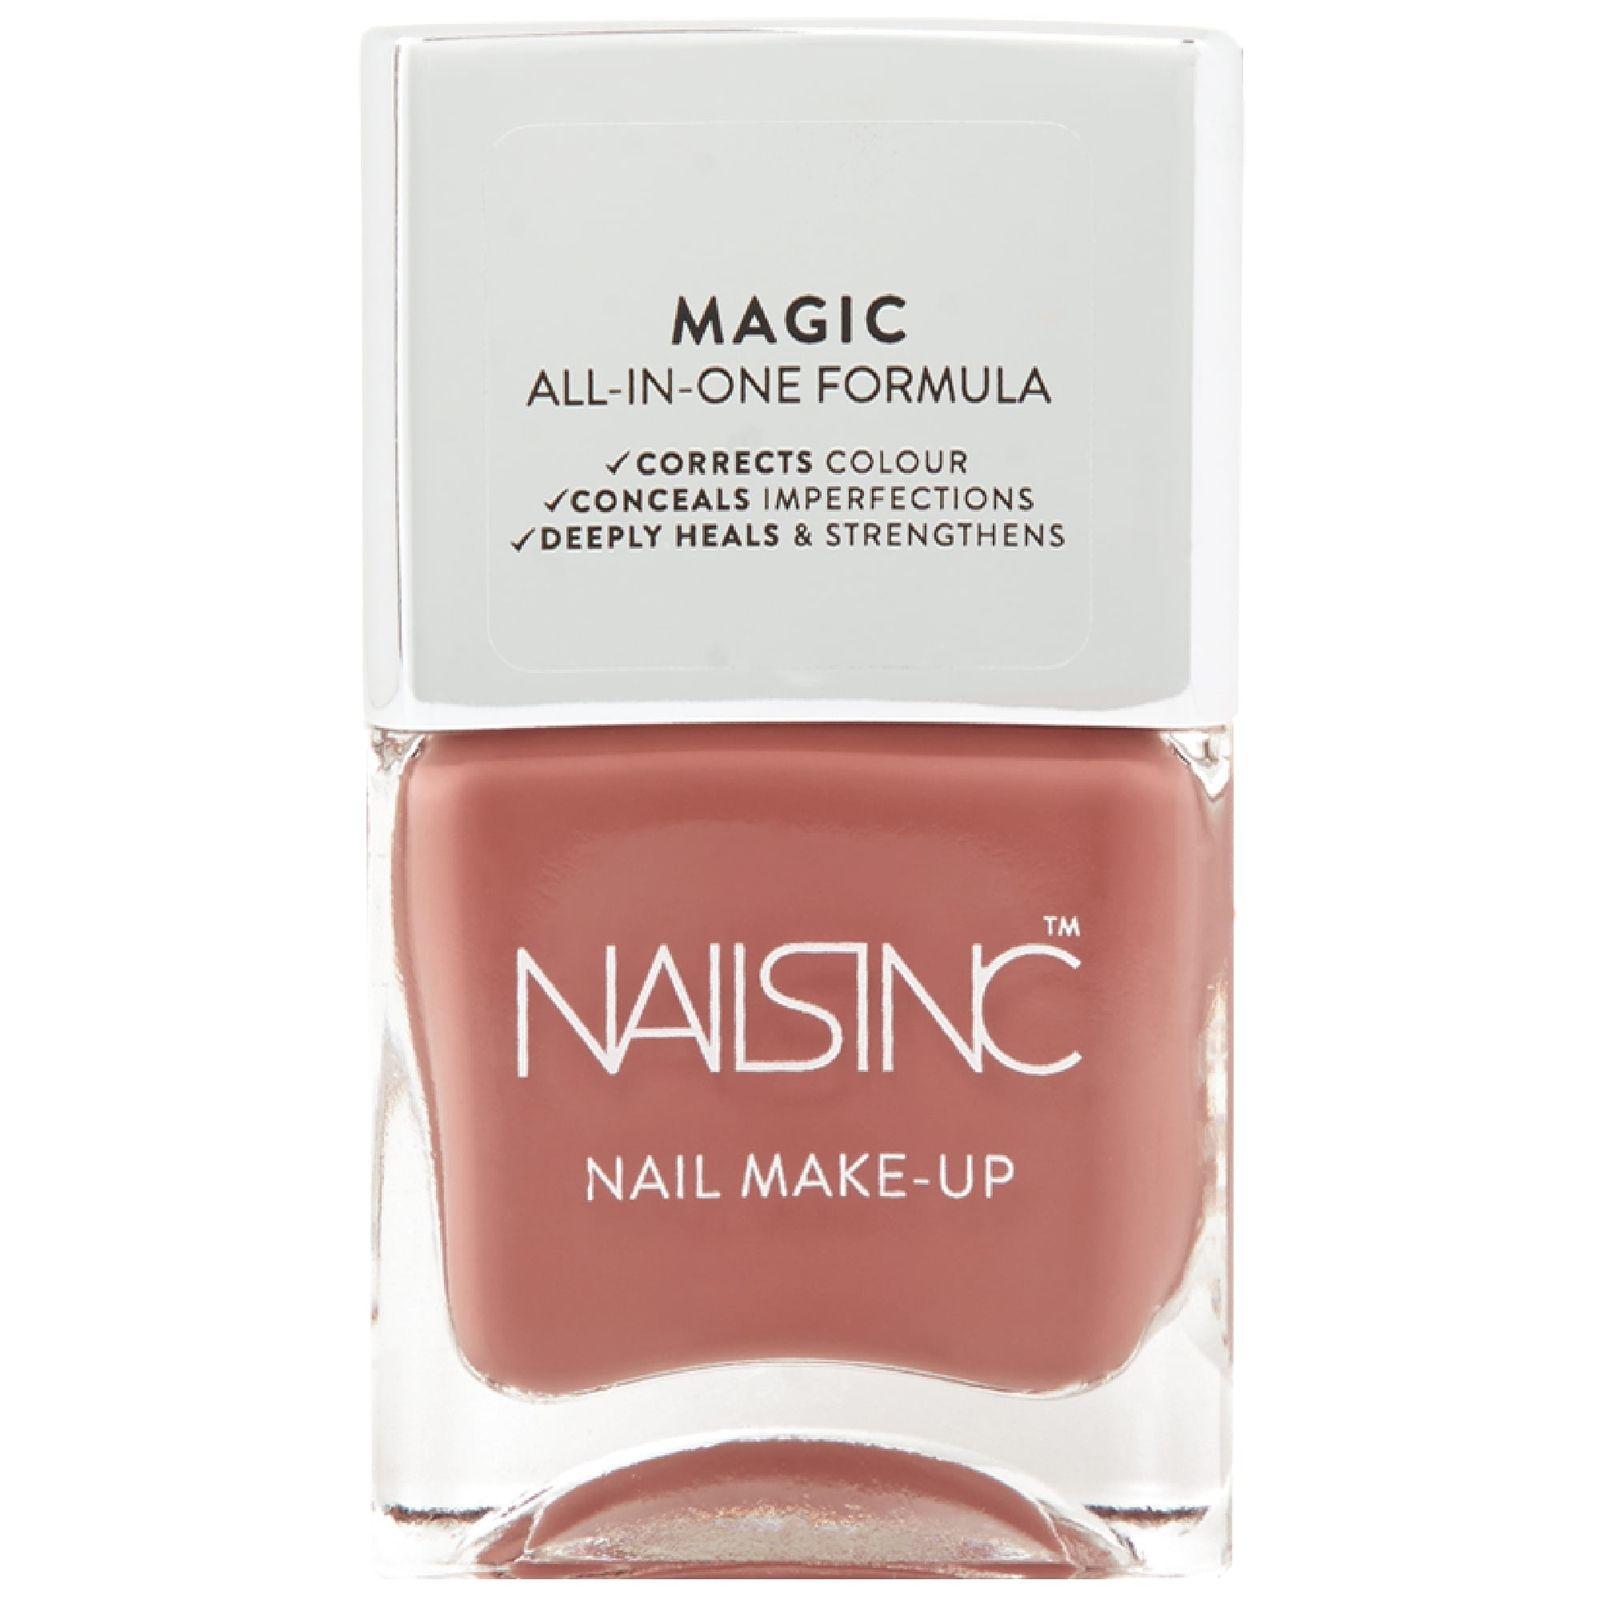 Nail Make-Up Nail Polish Brown Beaumont  Street